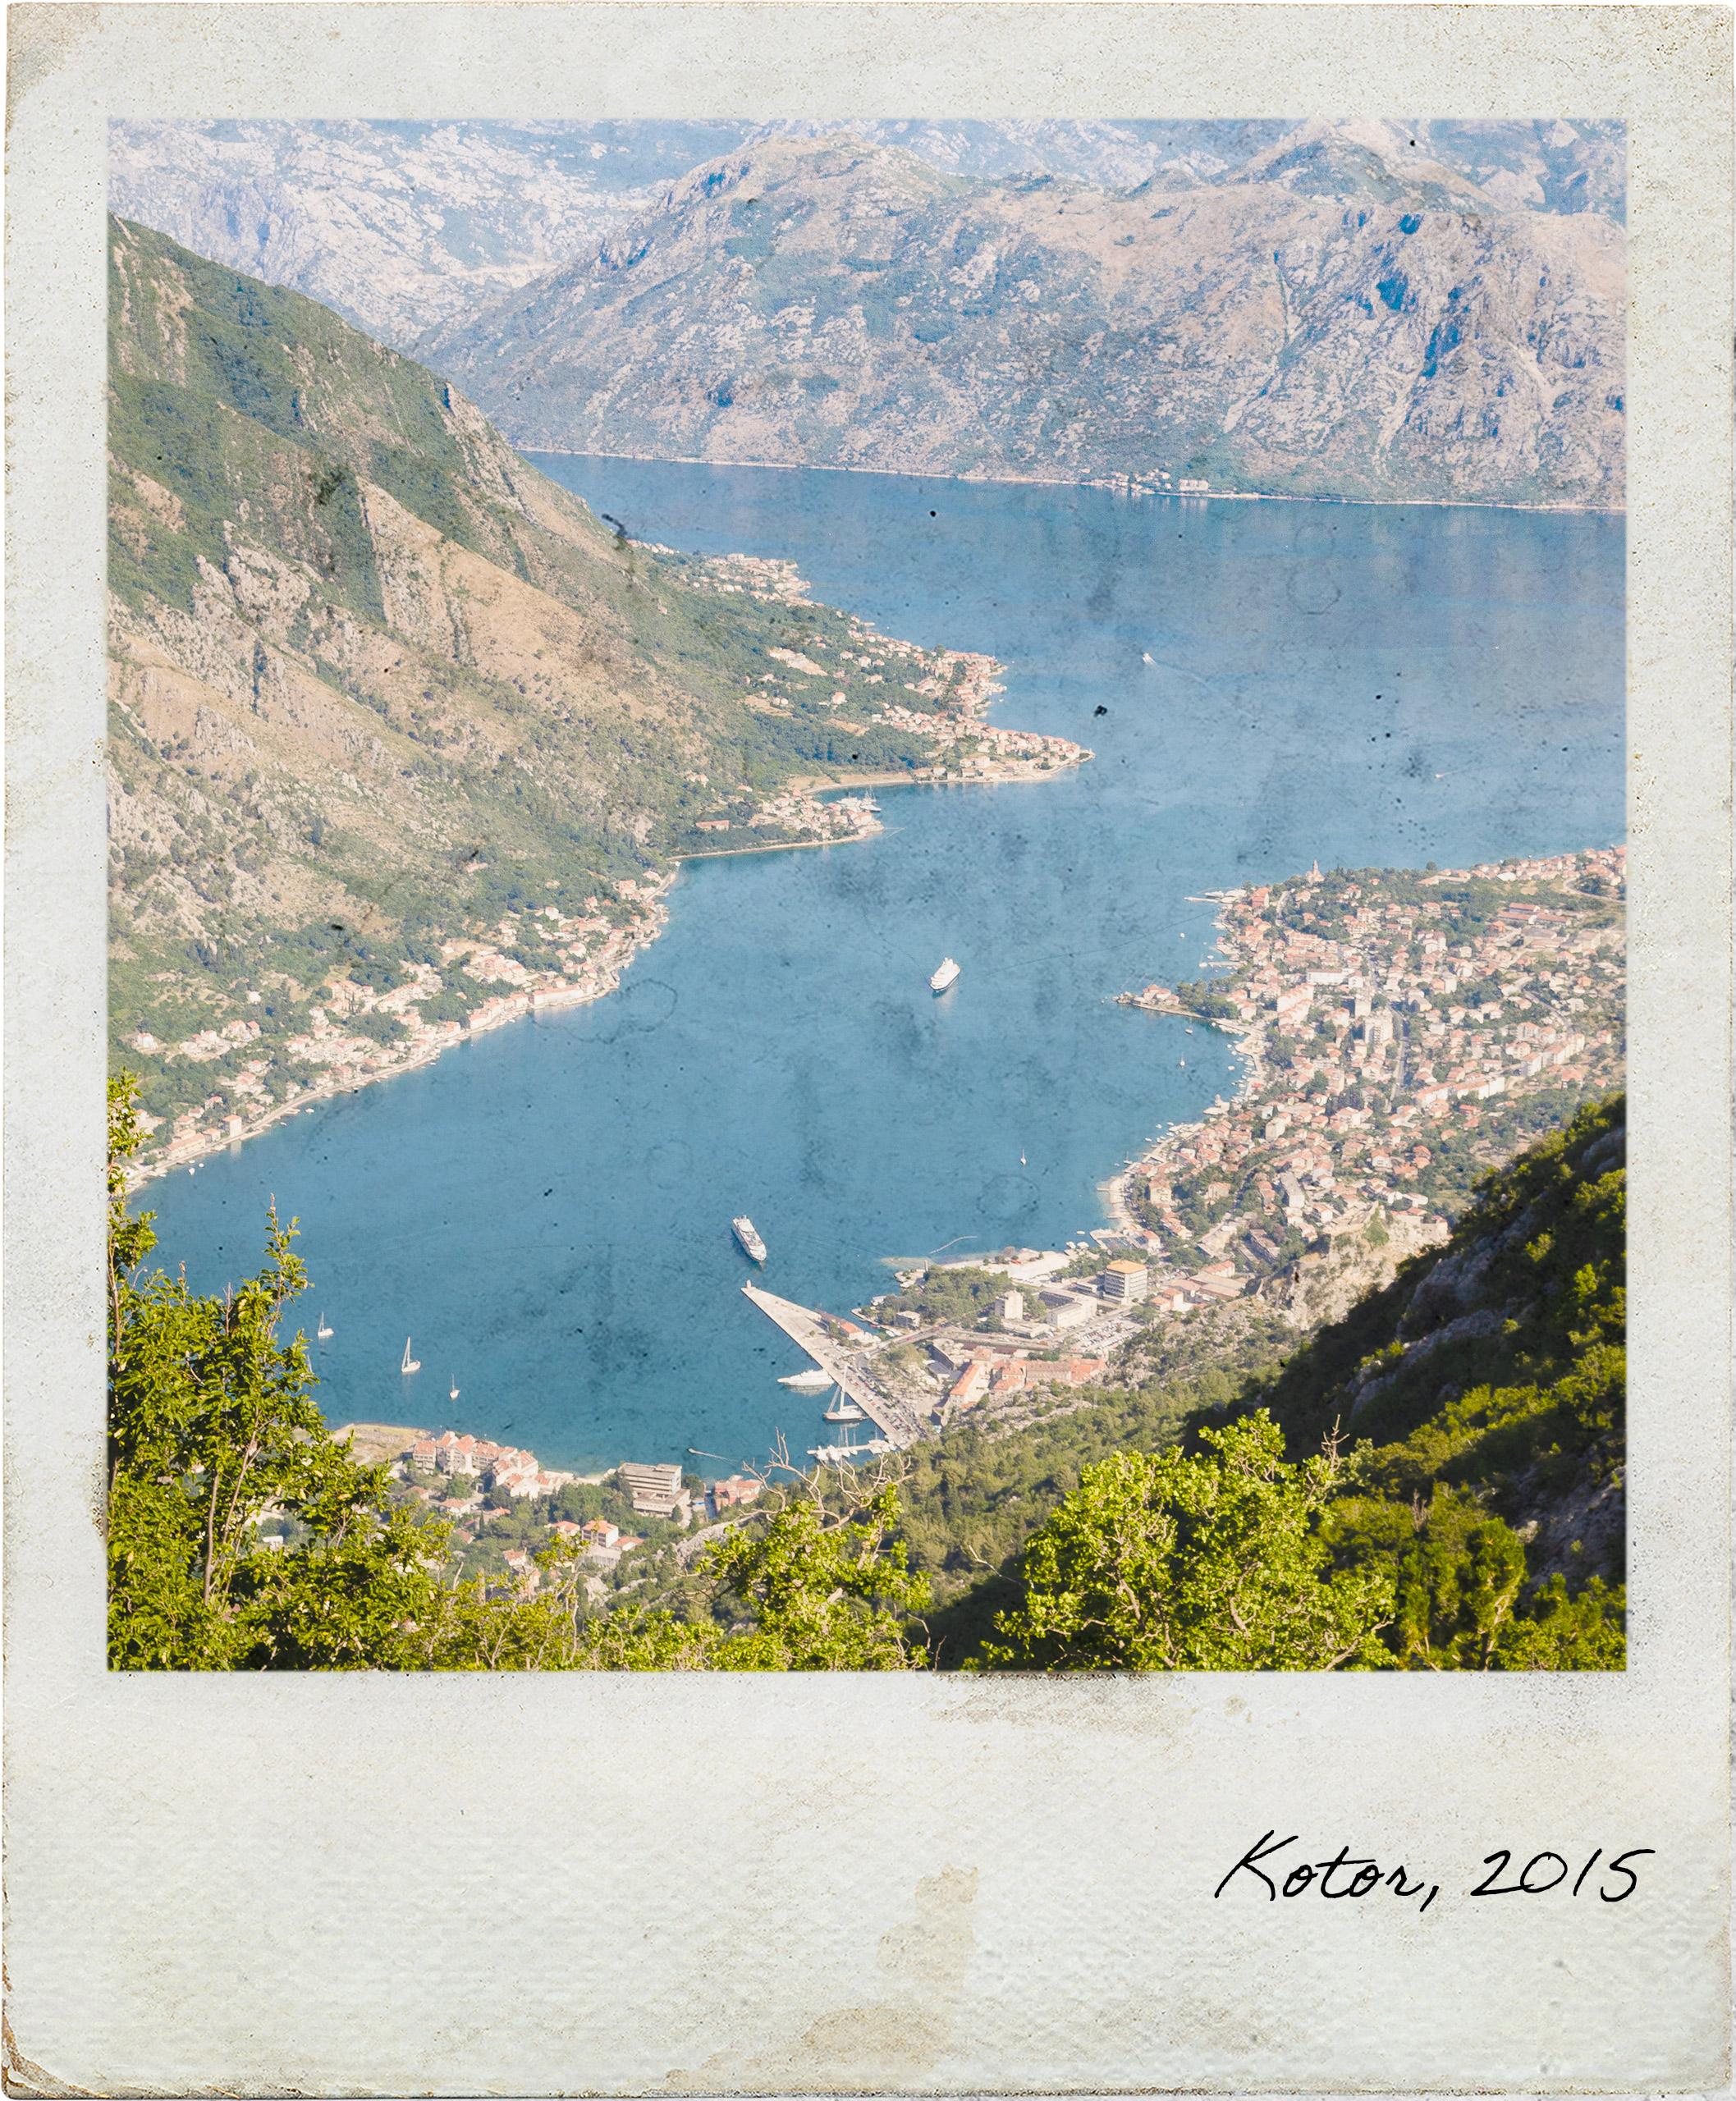 Vista sobre a Baía de Kotor